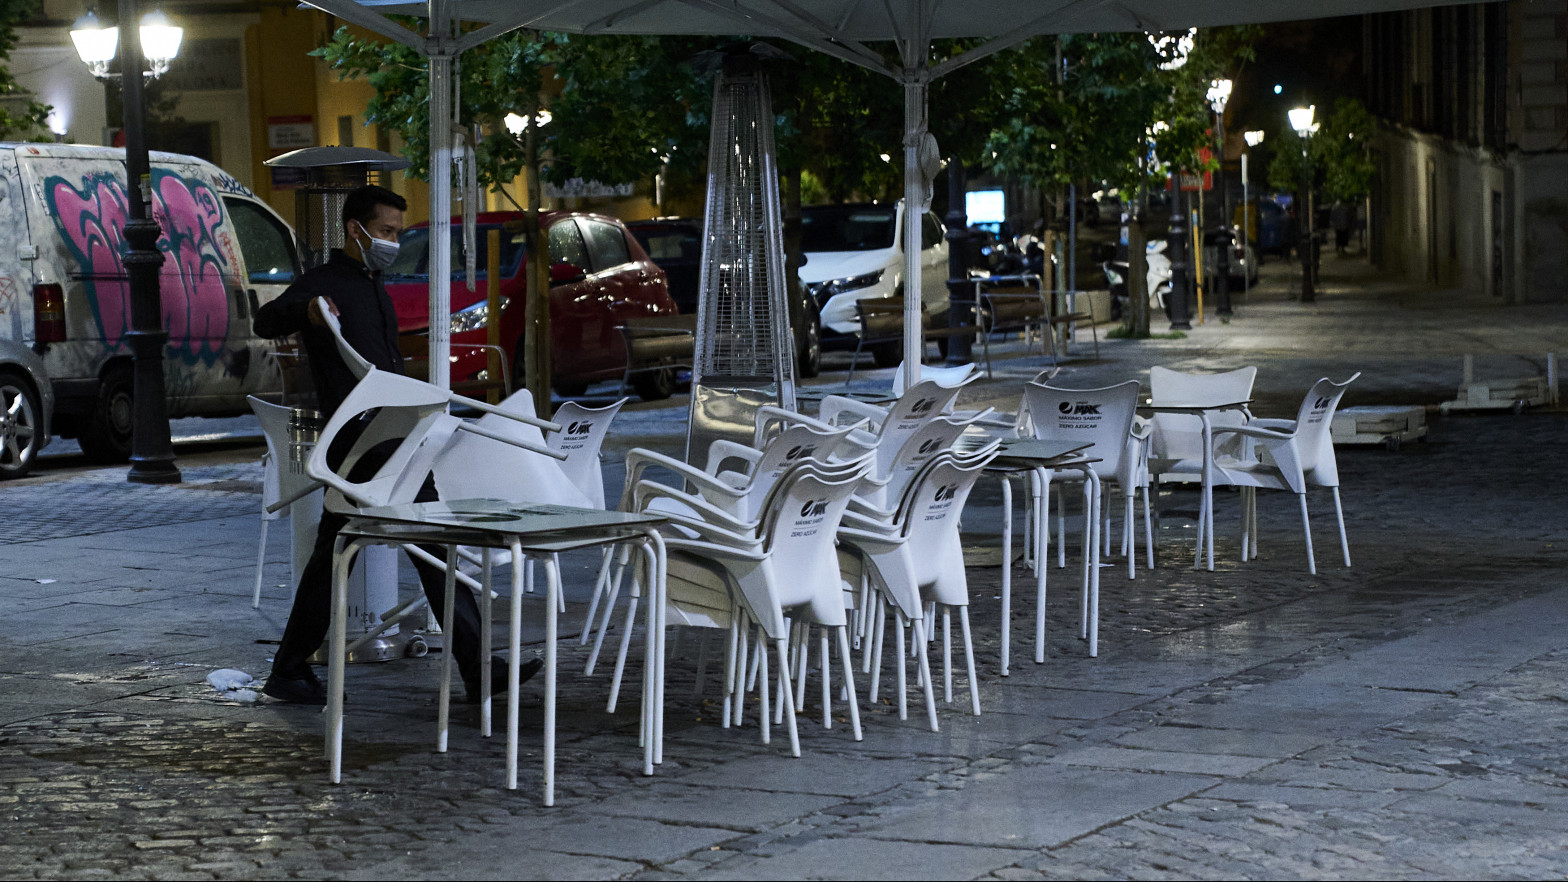 Las 3.000 terrazas covid de Madrid tendrán que cerrar a medianoche, mientras que las demás podrán cerrar a la 1